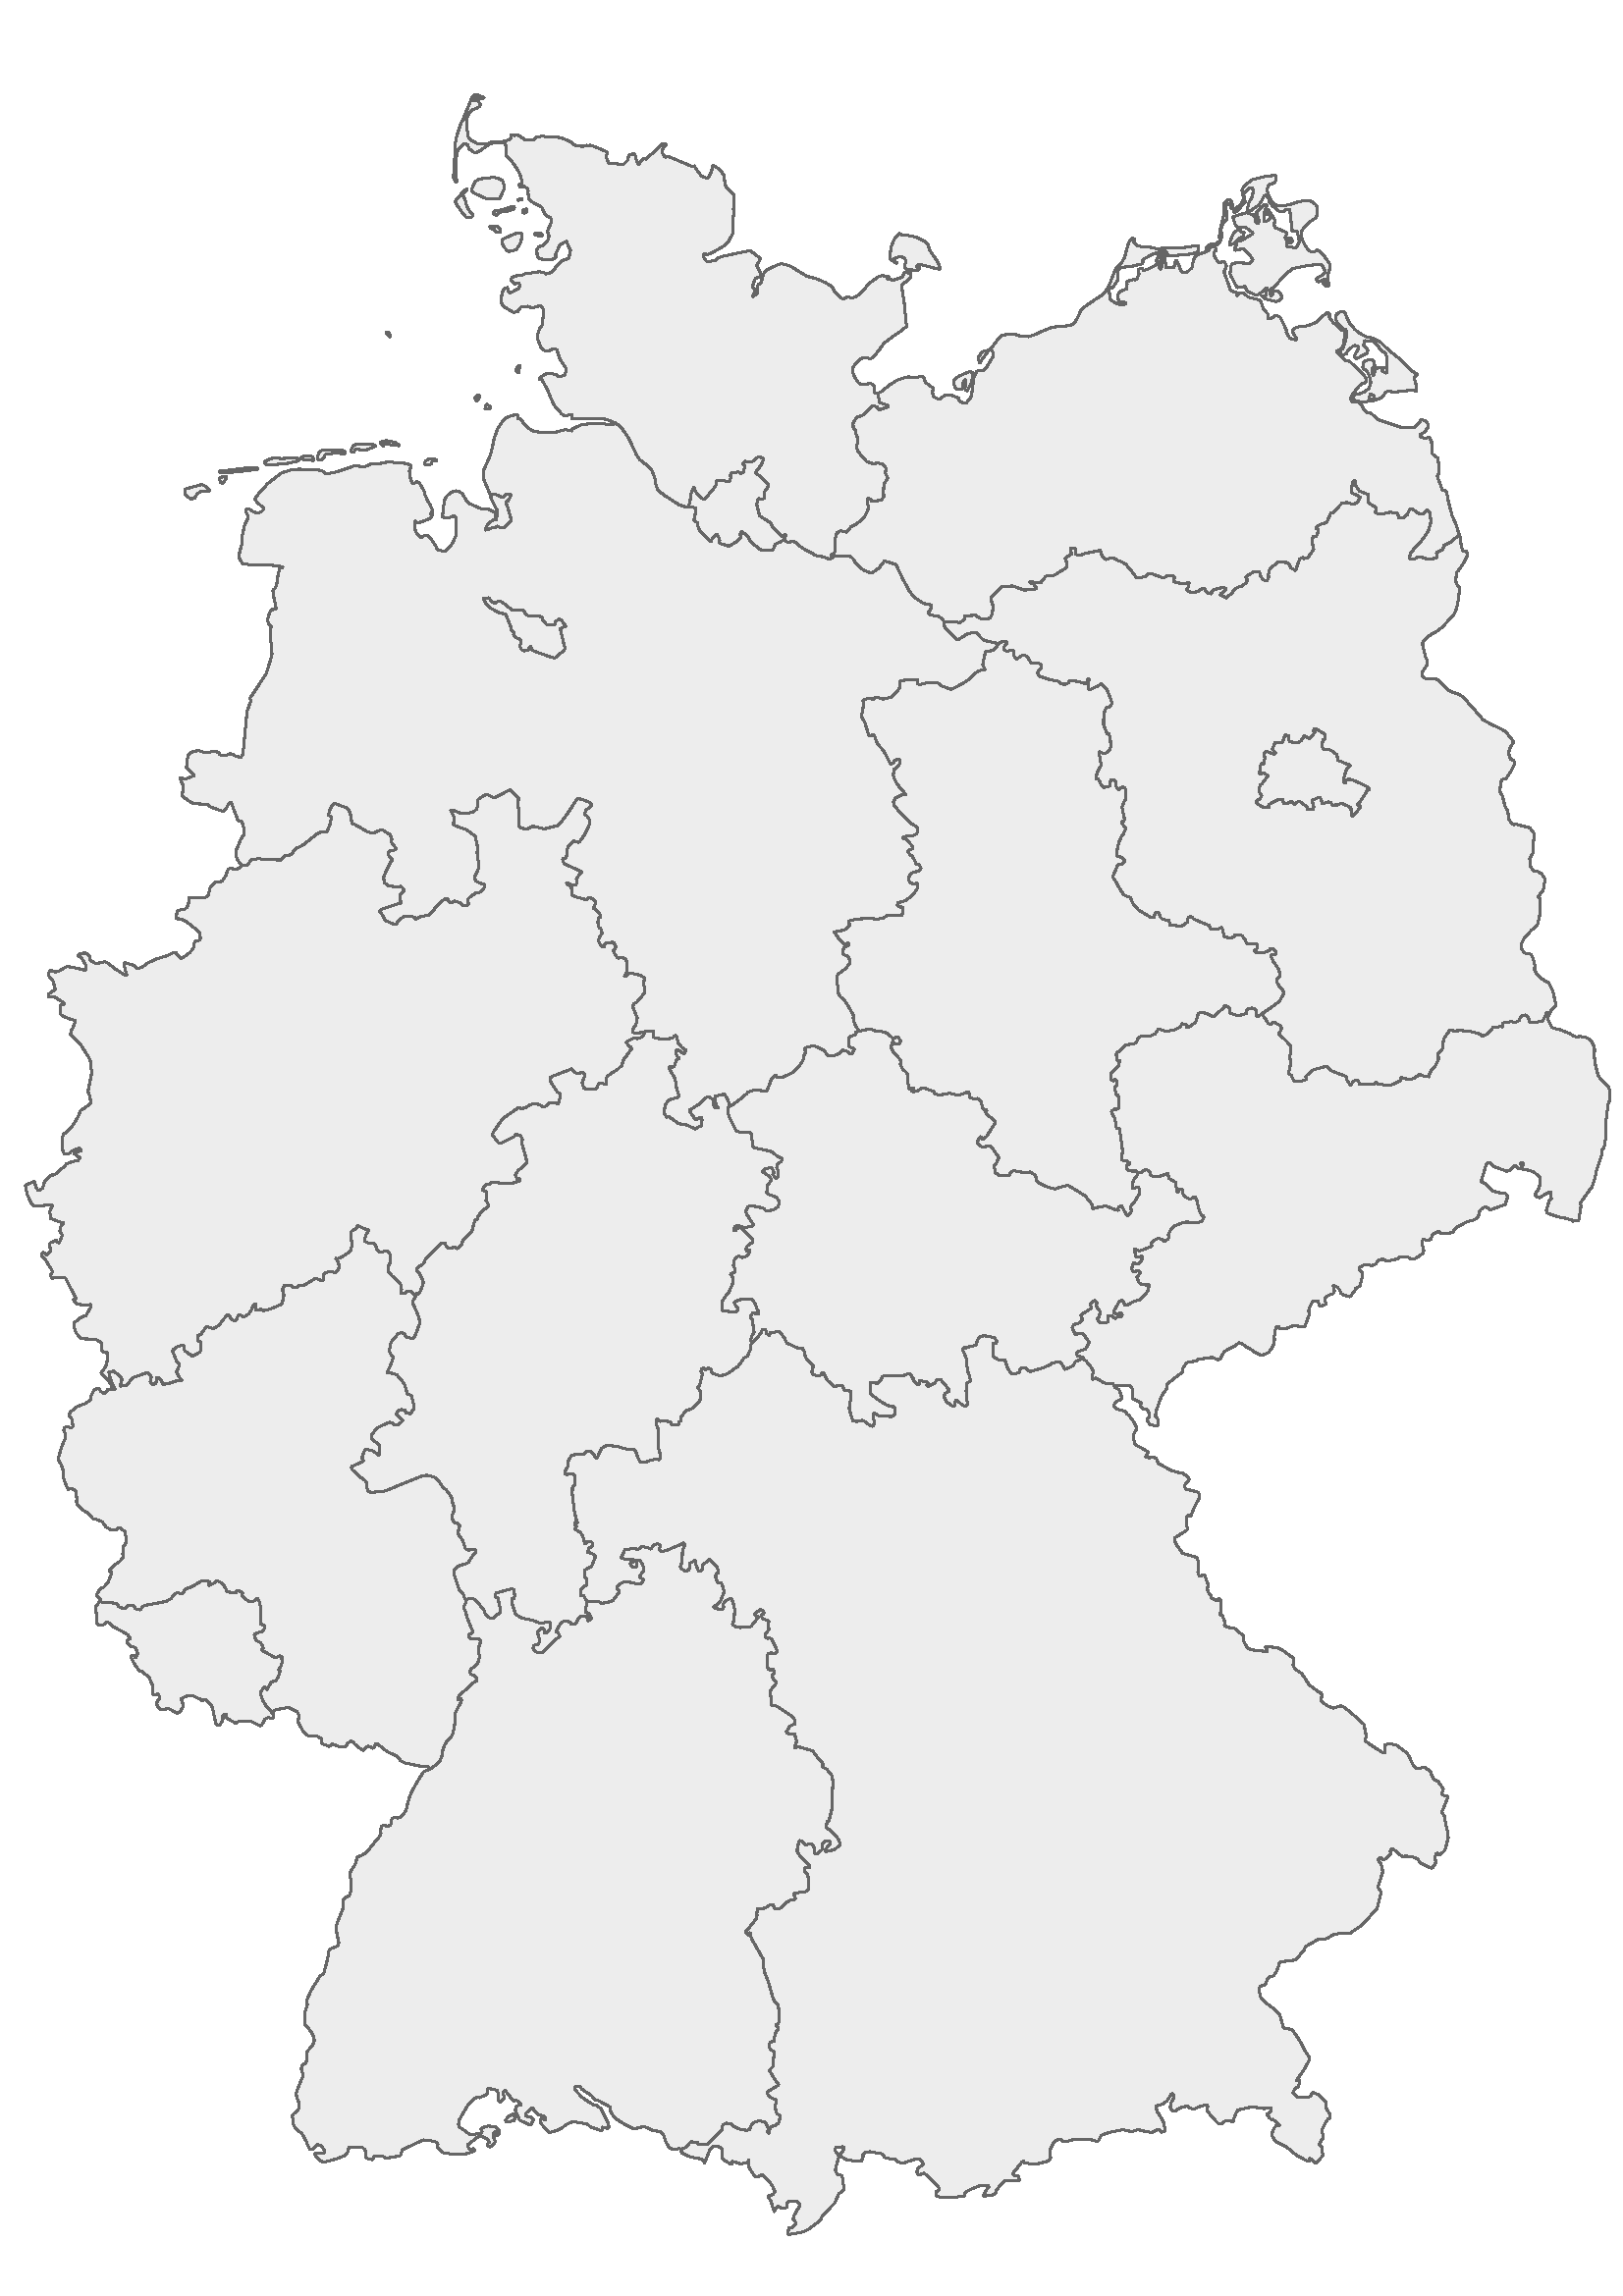 Deutschland-Karte mit Grenzen der Bundesländer